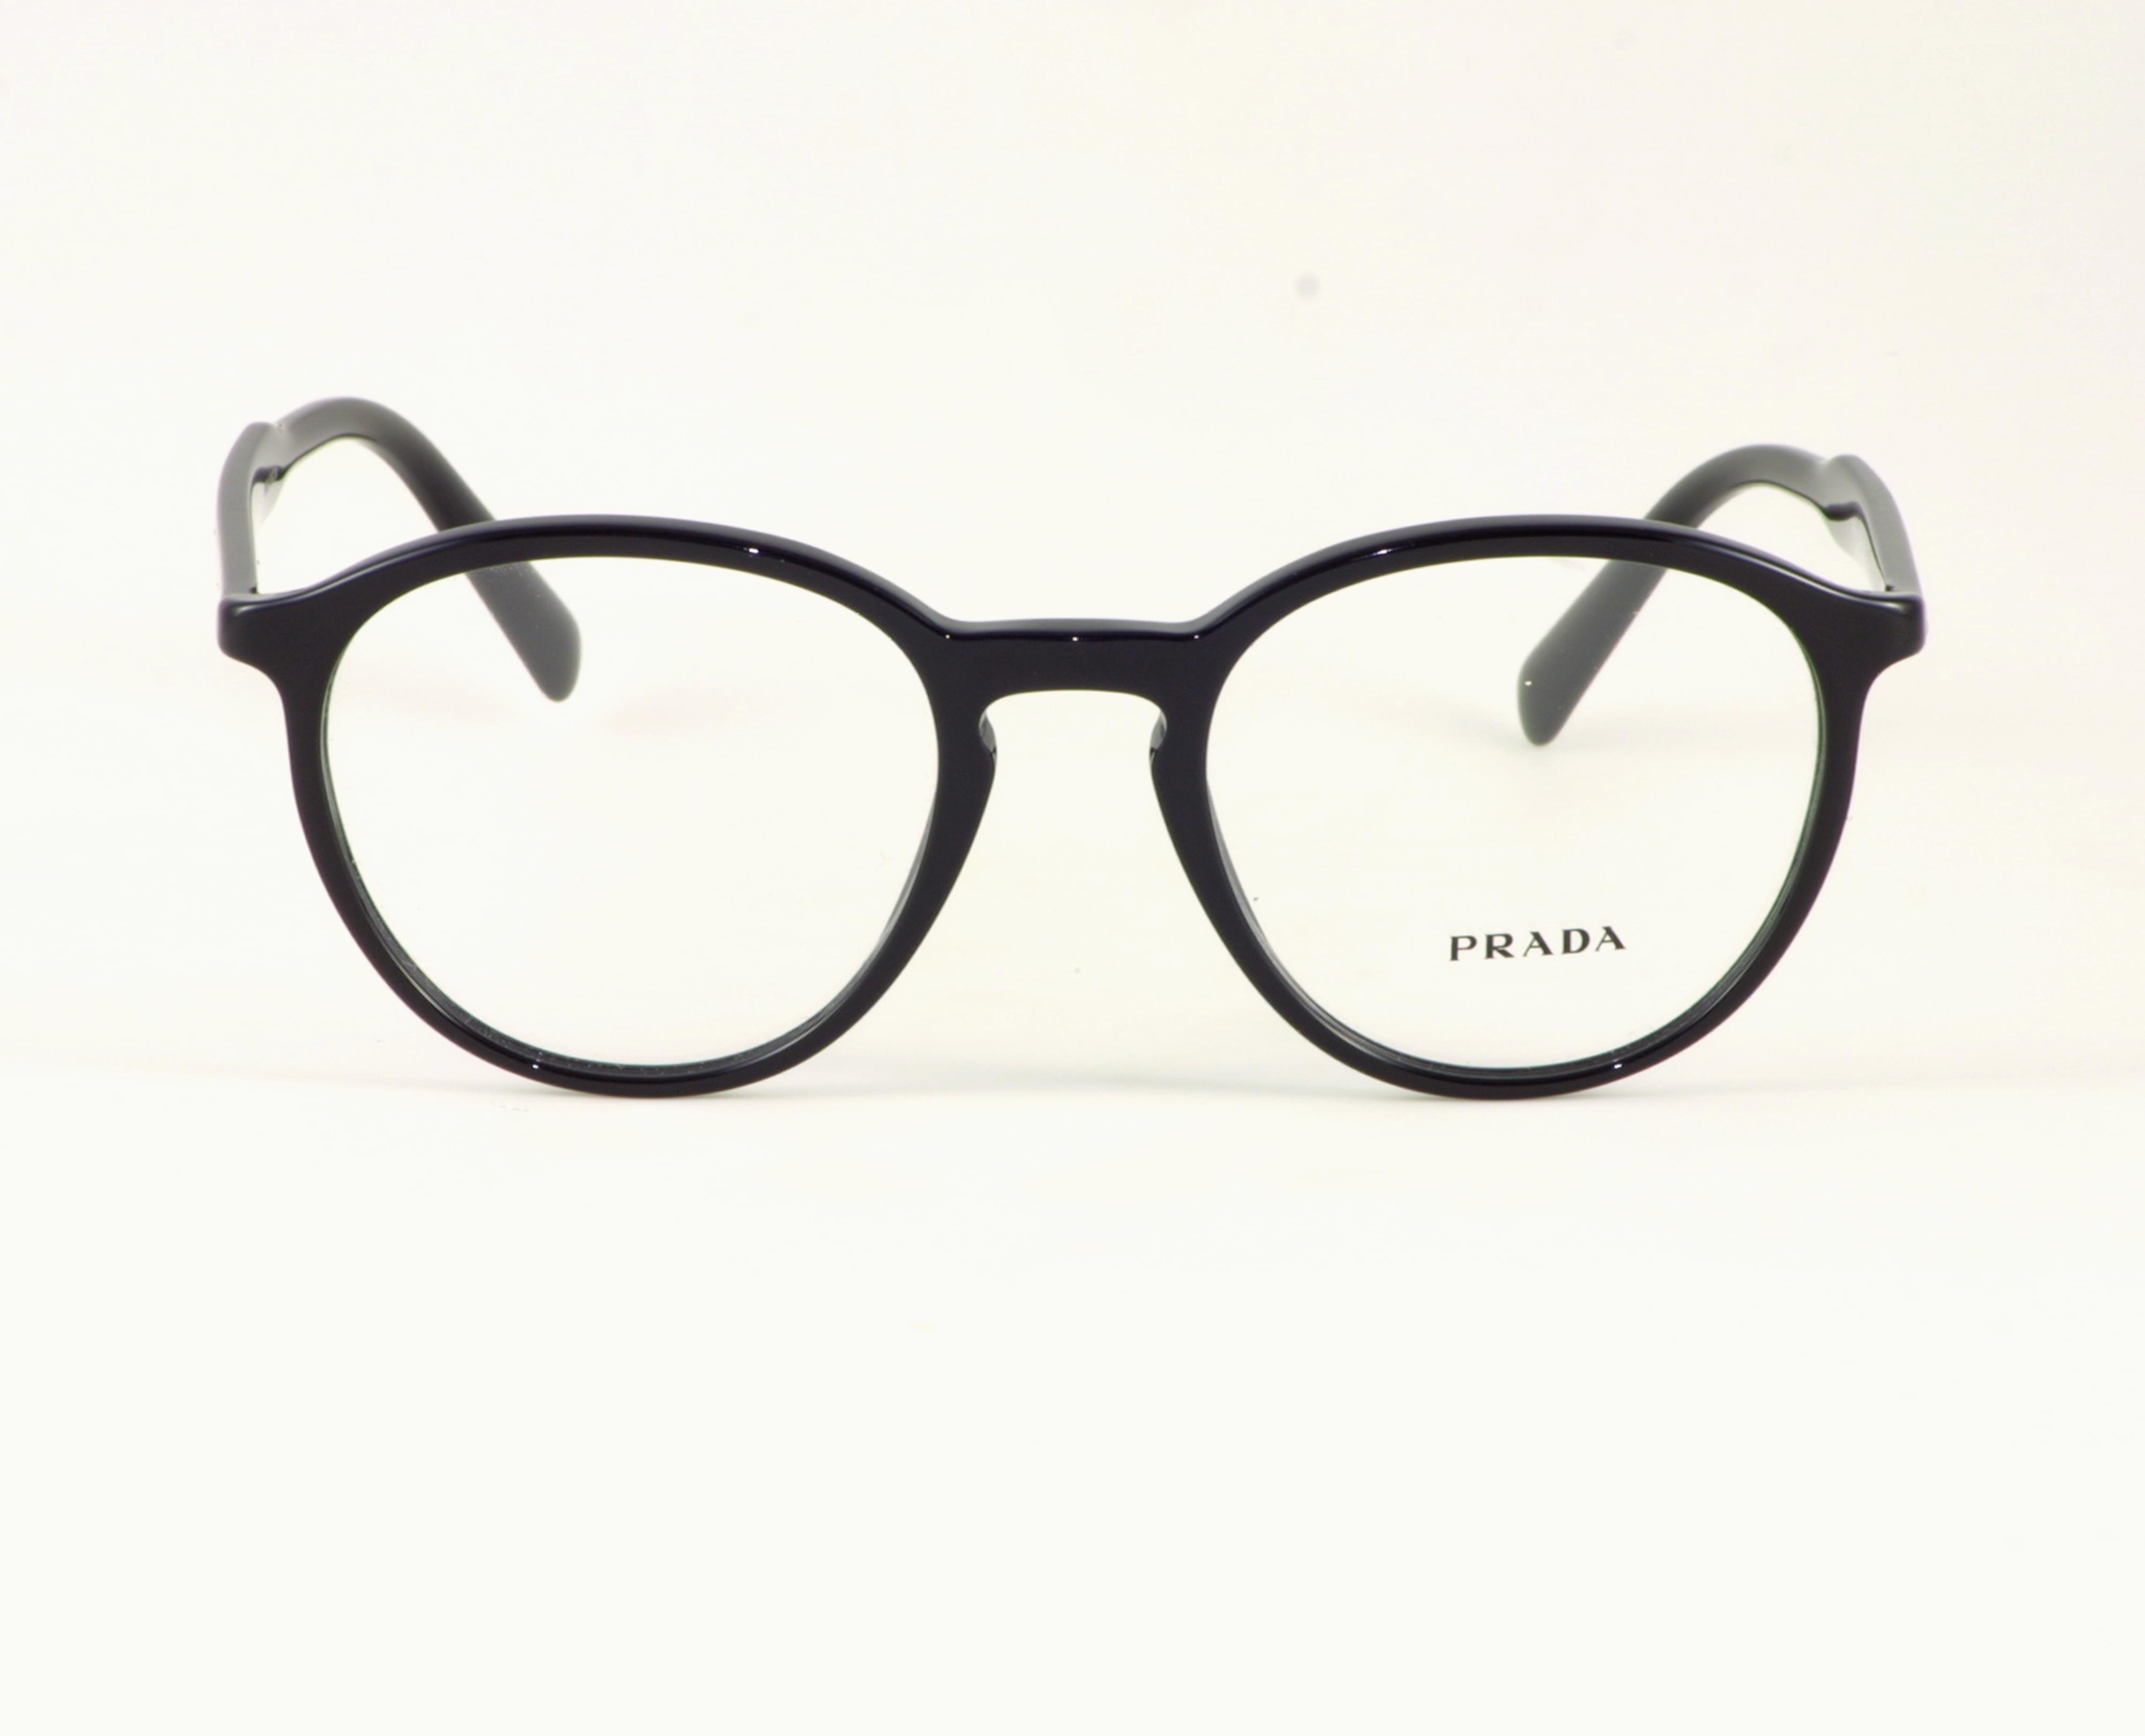 Bild: schwarze Brille von Prada